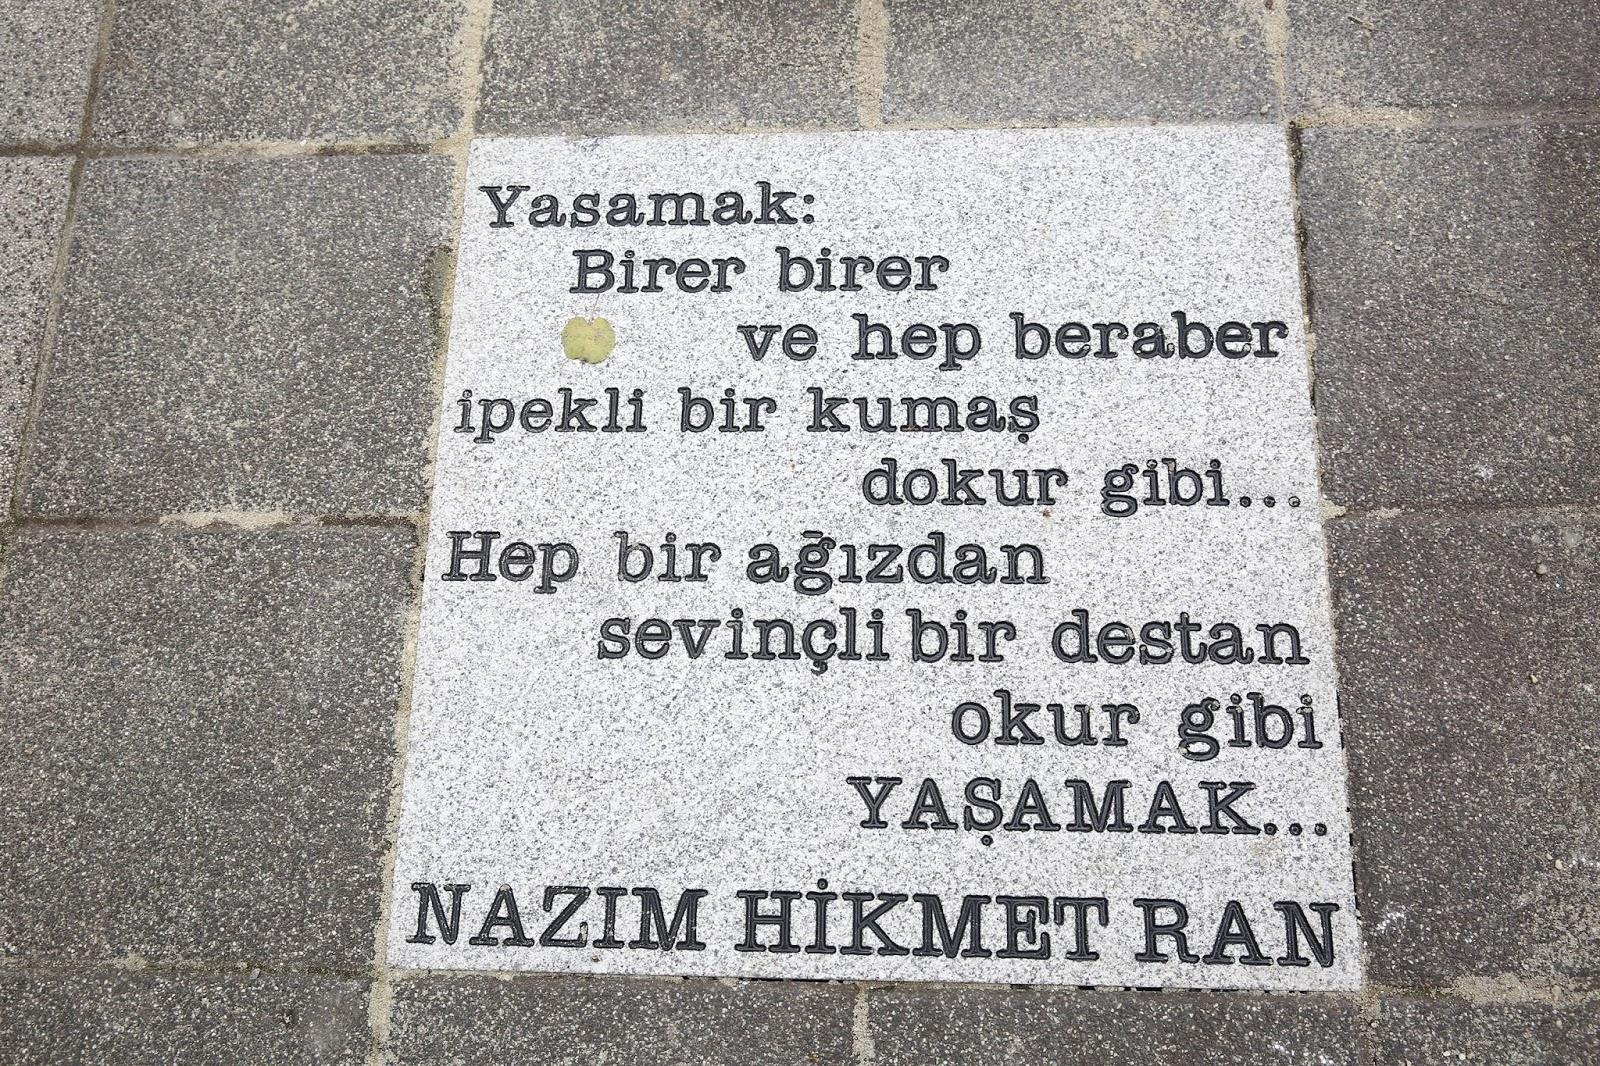 Nazım Hikmet'in dizeleri sokaklara yazıldı